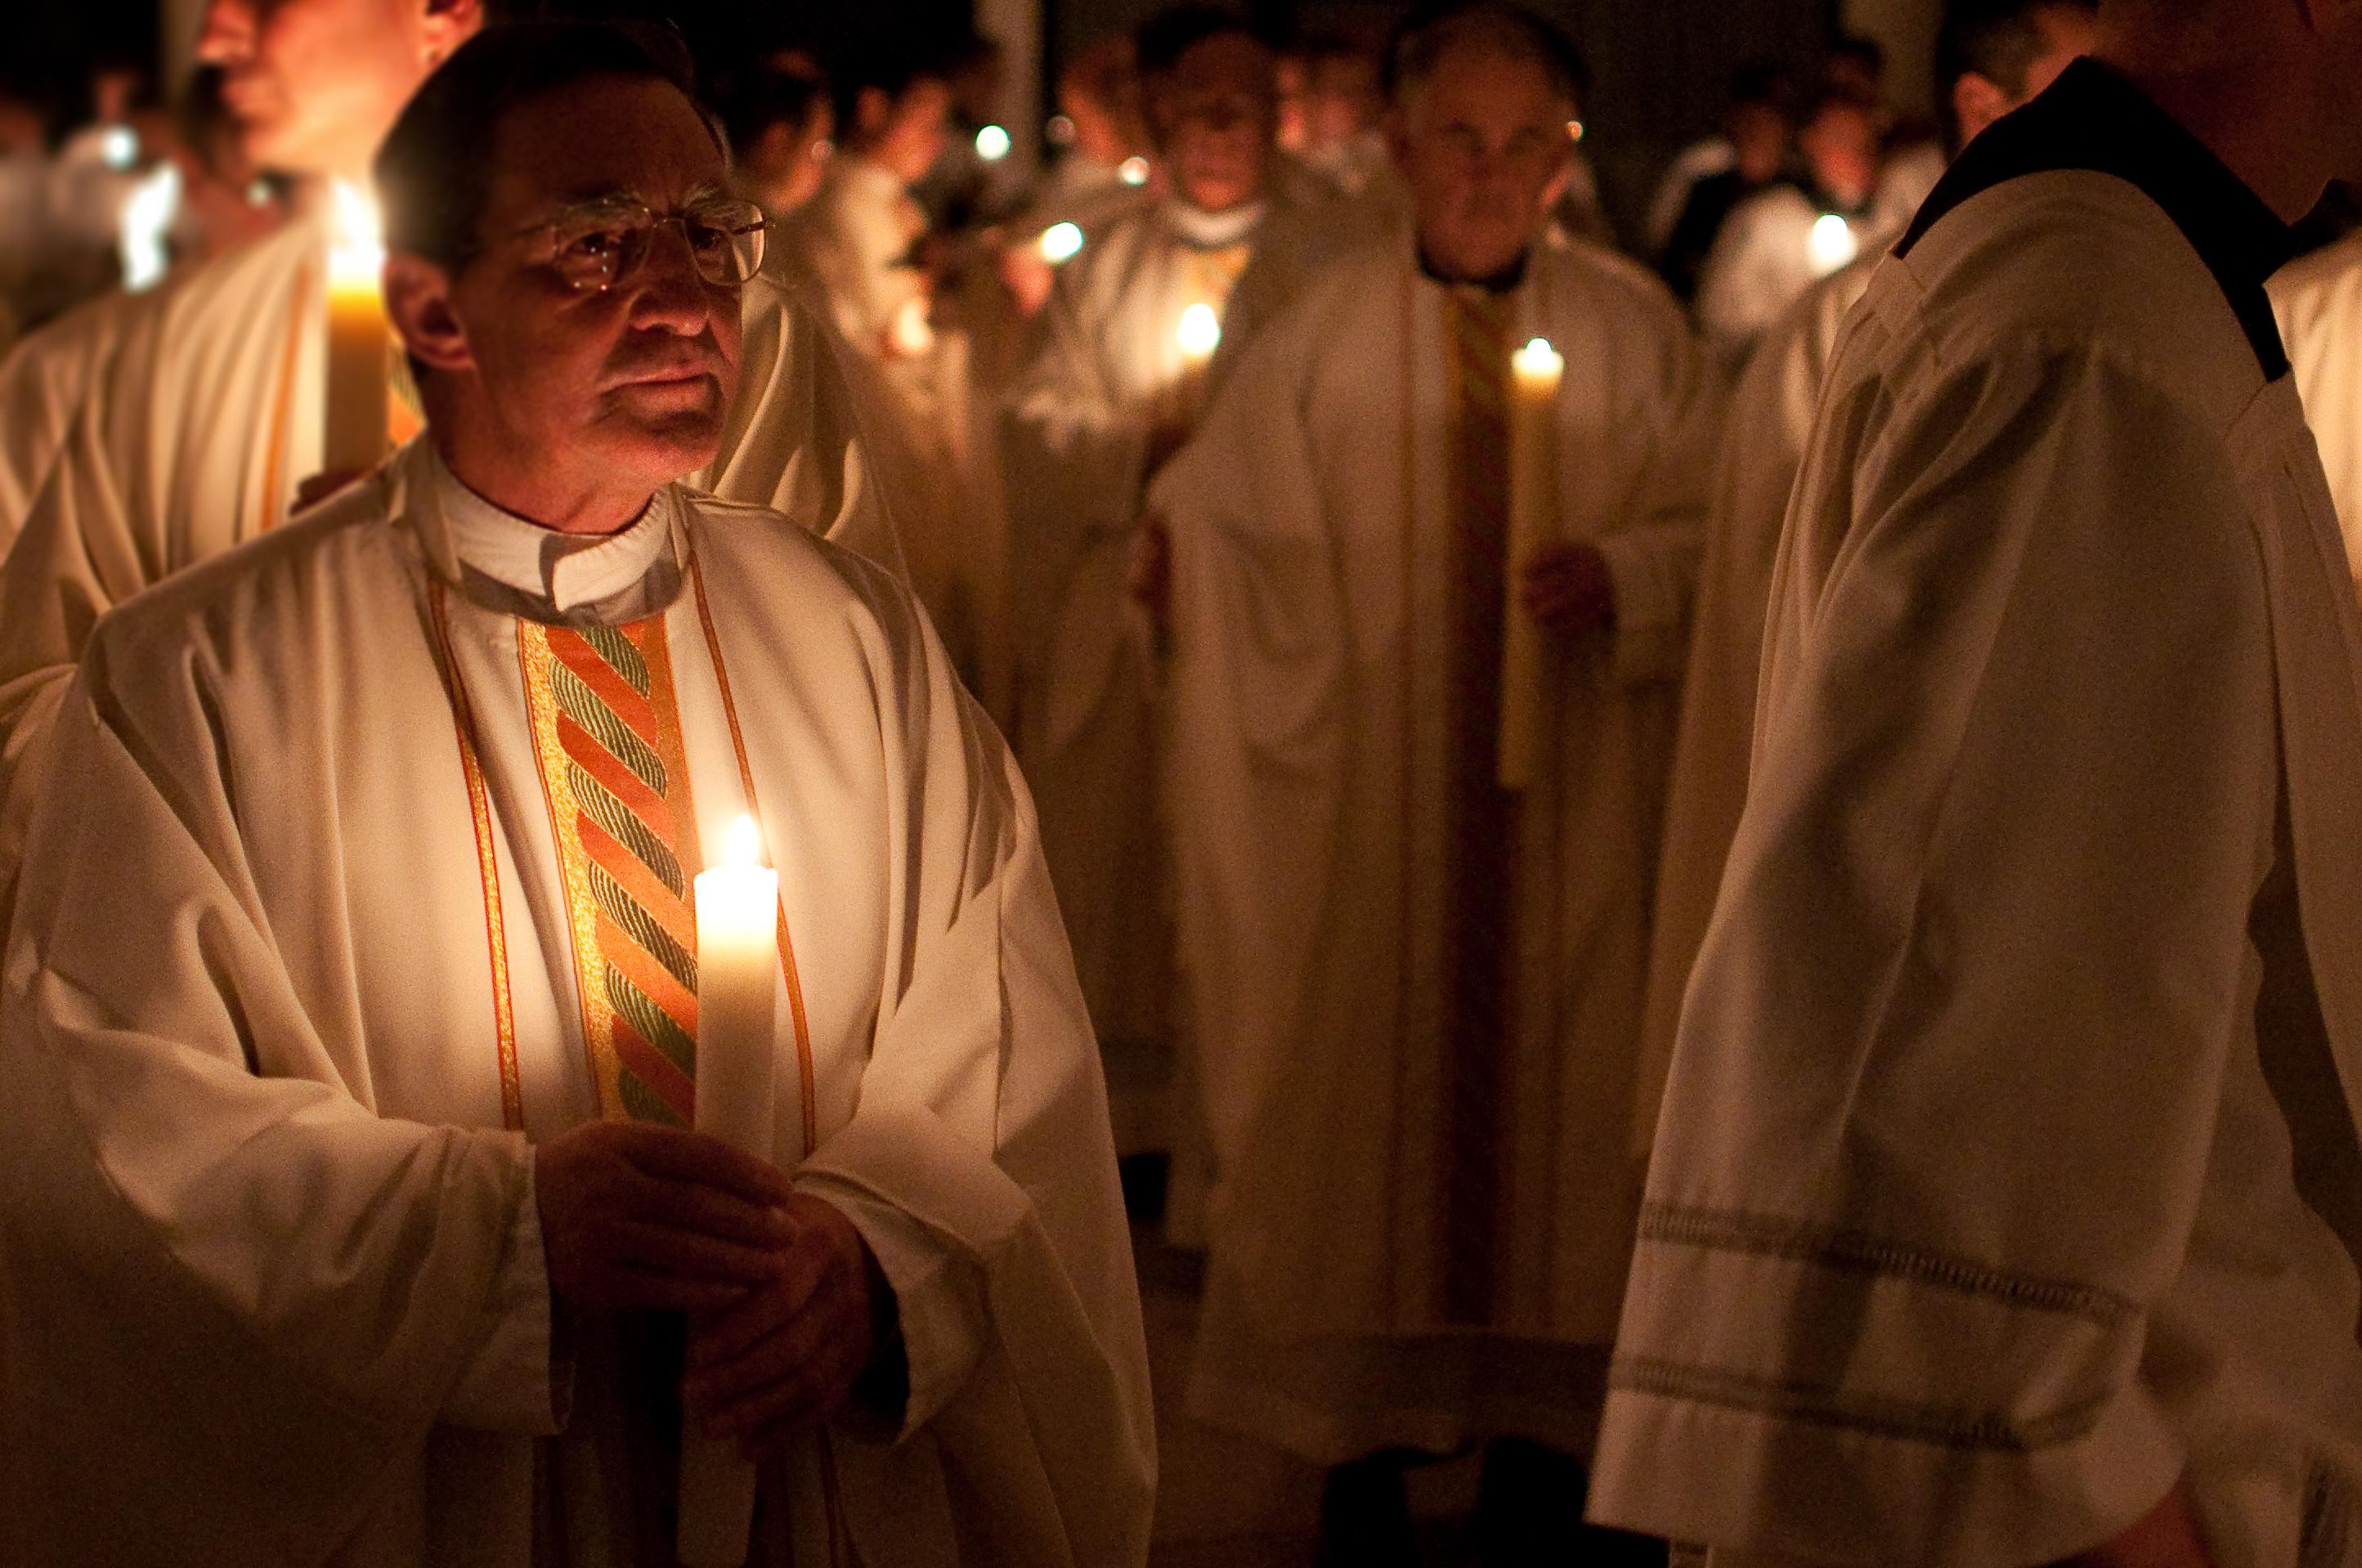 Fr. Antonio Izquierdo, LC